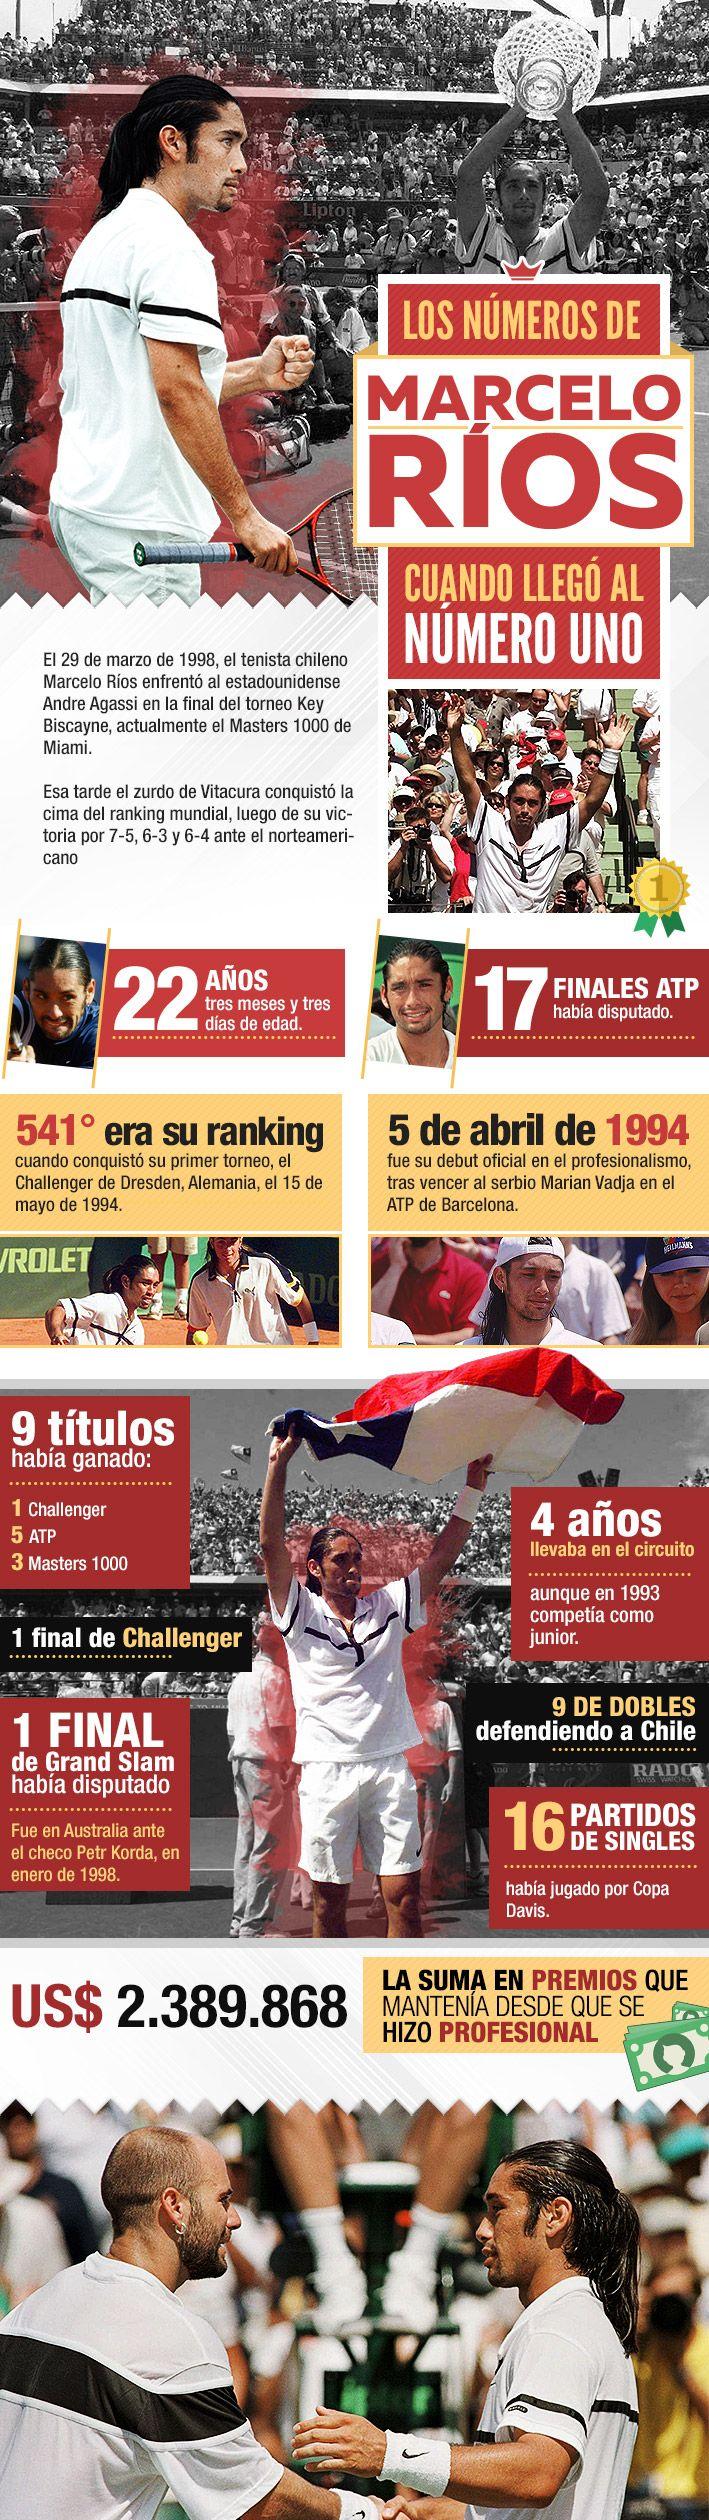 """Con 22 años y nueve títulos: Los números que ostentaba """"Chino"""" Ríos cuando logró el histórico N°1 del tenis mundial   Emol.com"""